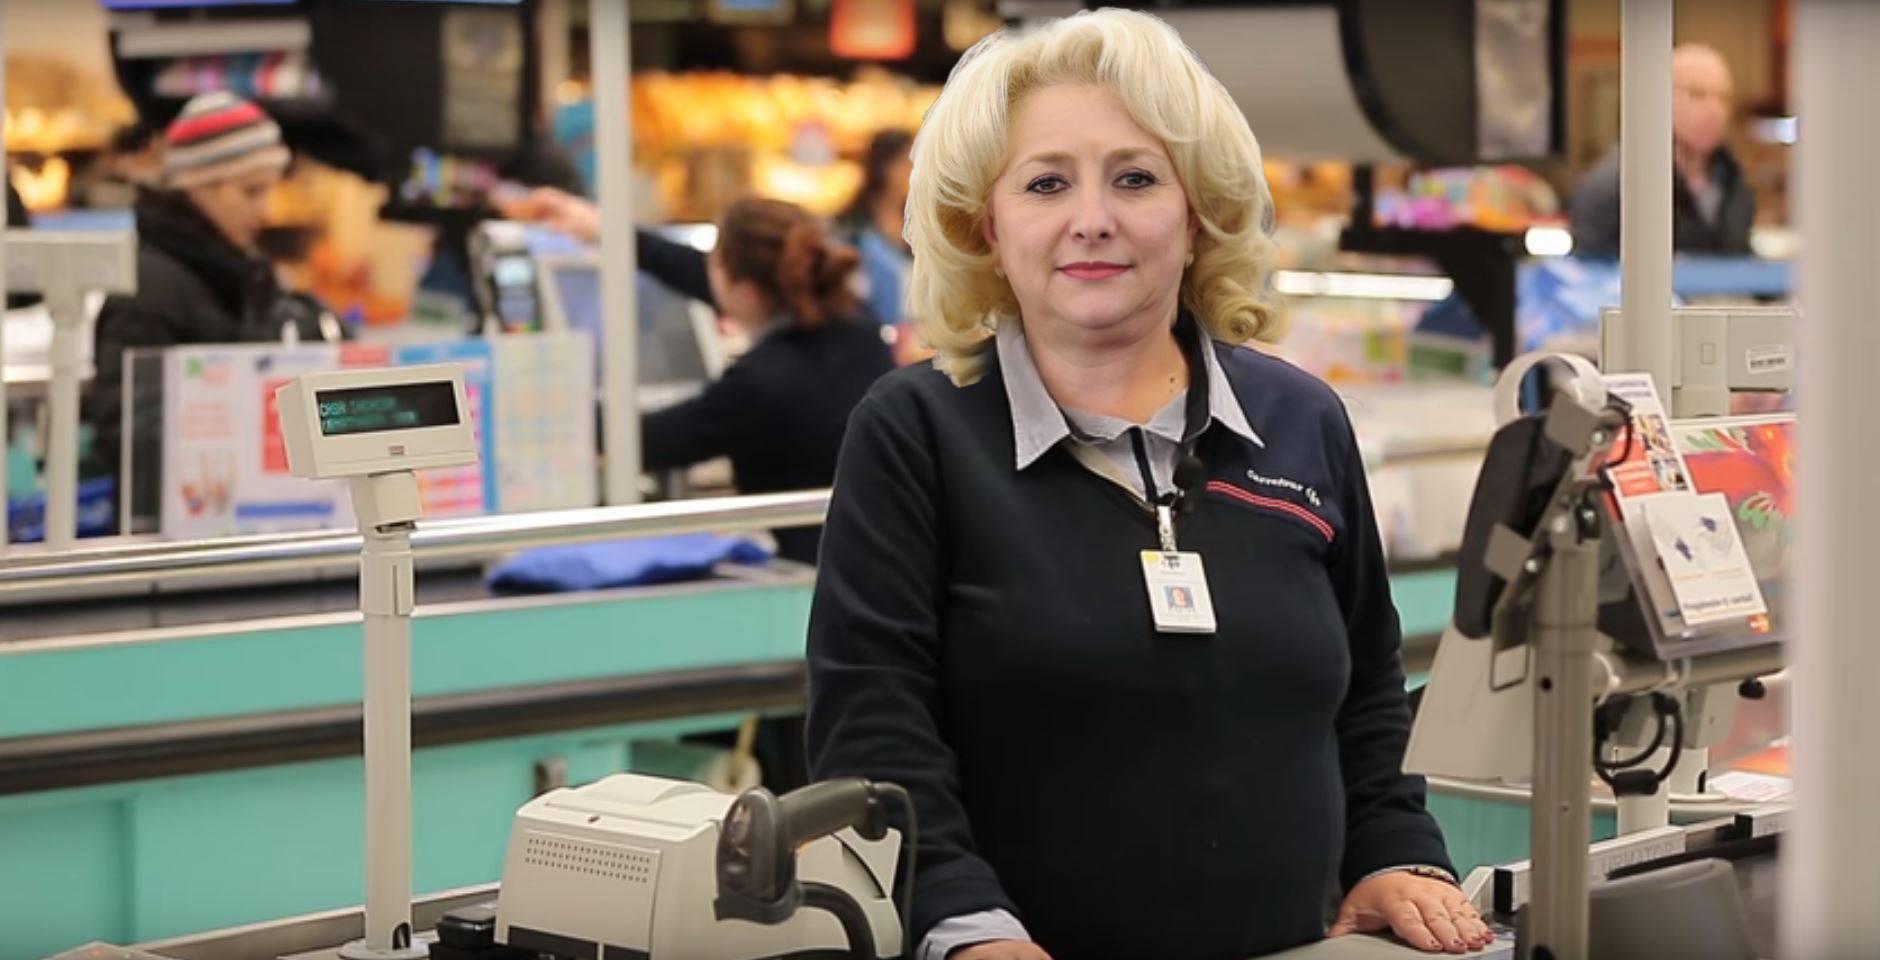 viorica dăncilă prim ministru românia meme casieriță